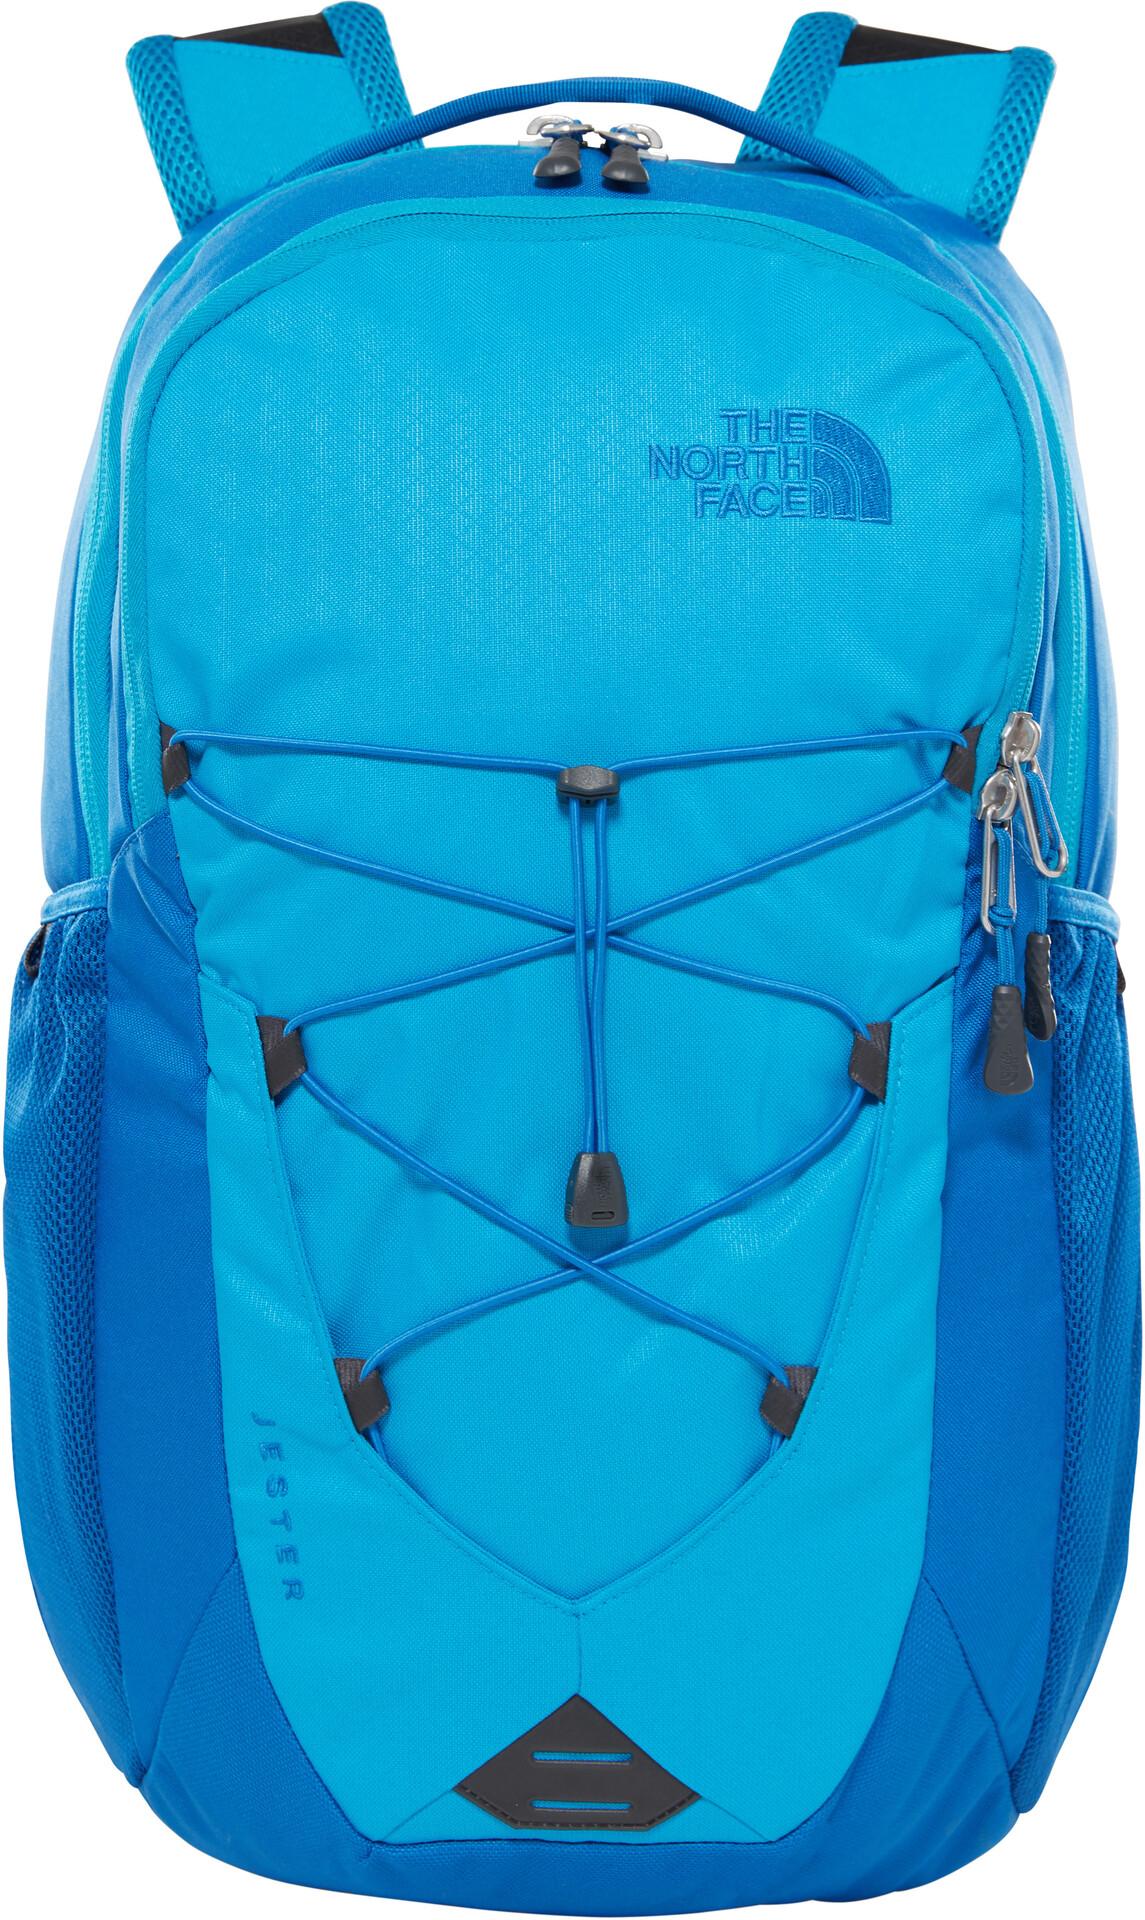 Sac Boutique The De Dos North Face À Bleuturquoise Jester XPiukZ